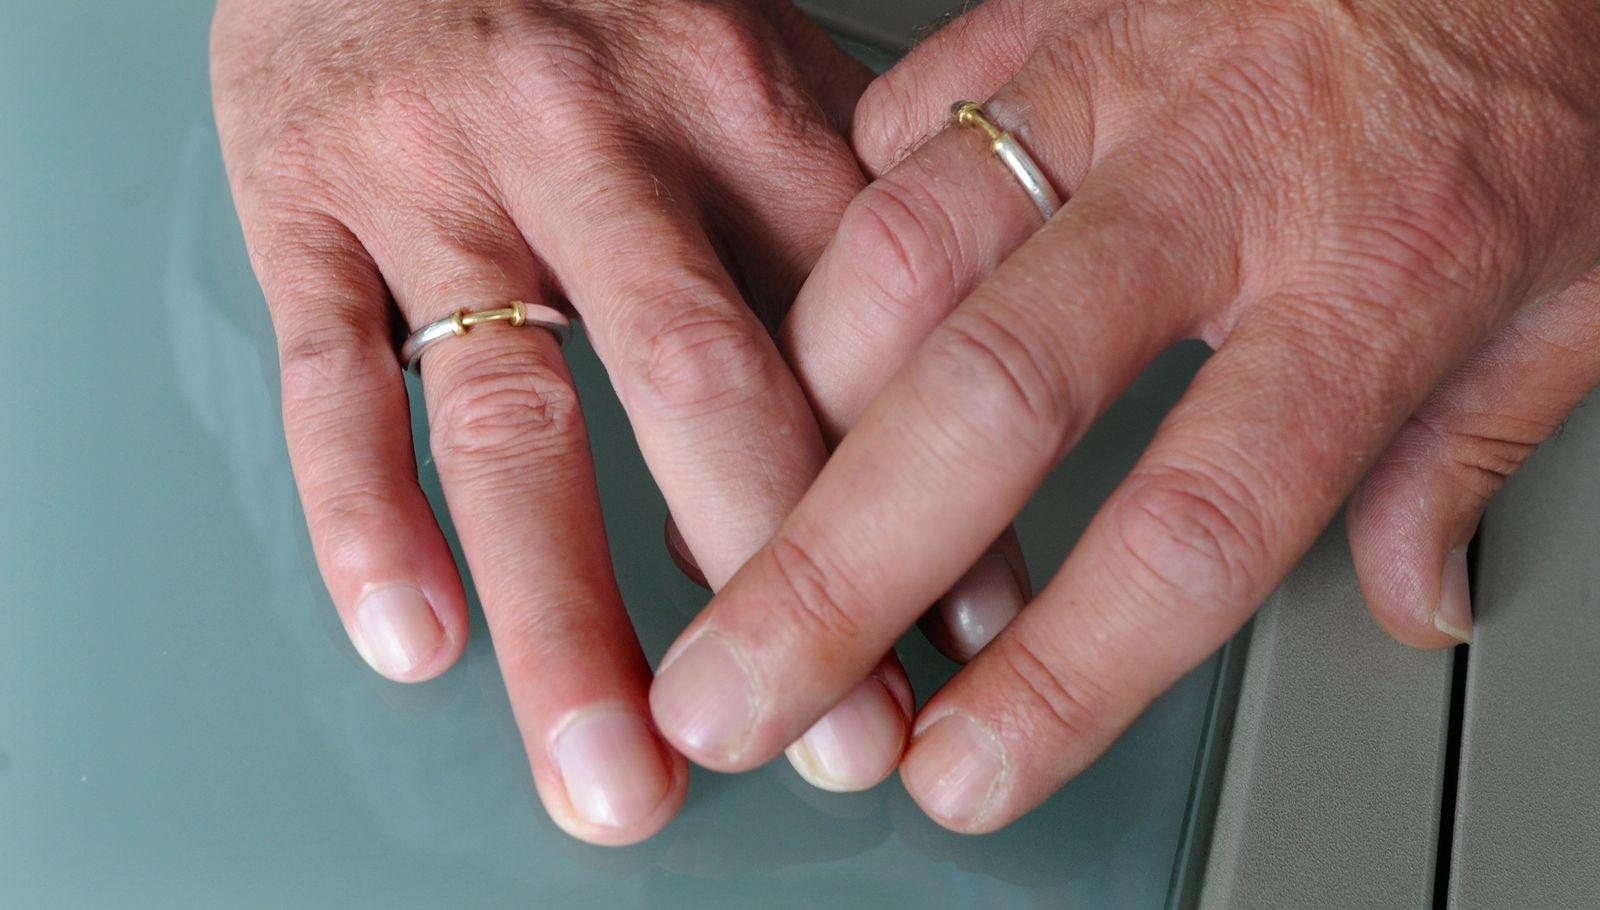 Homo-Ehe in Finnland: Tausende treten aus Kirche aus - DER SPIEGEL